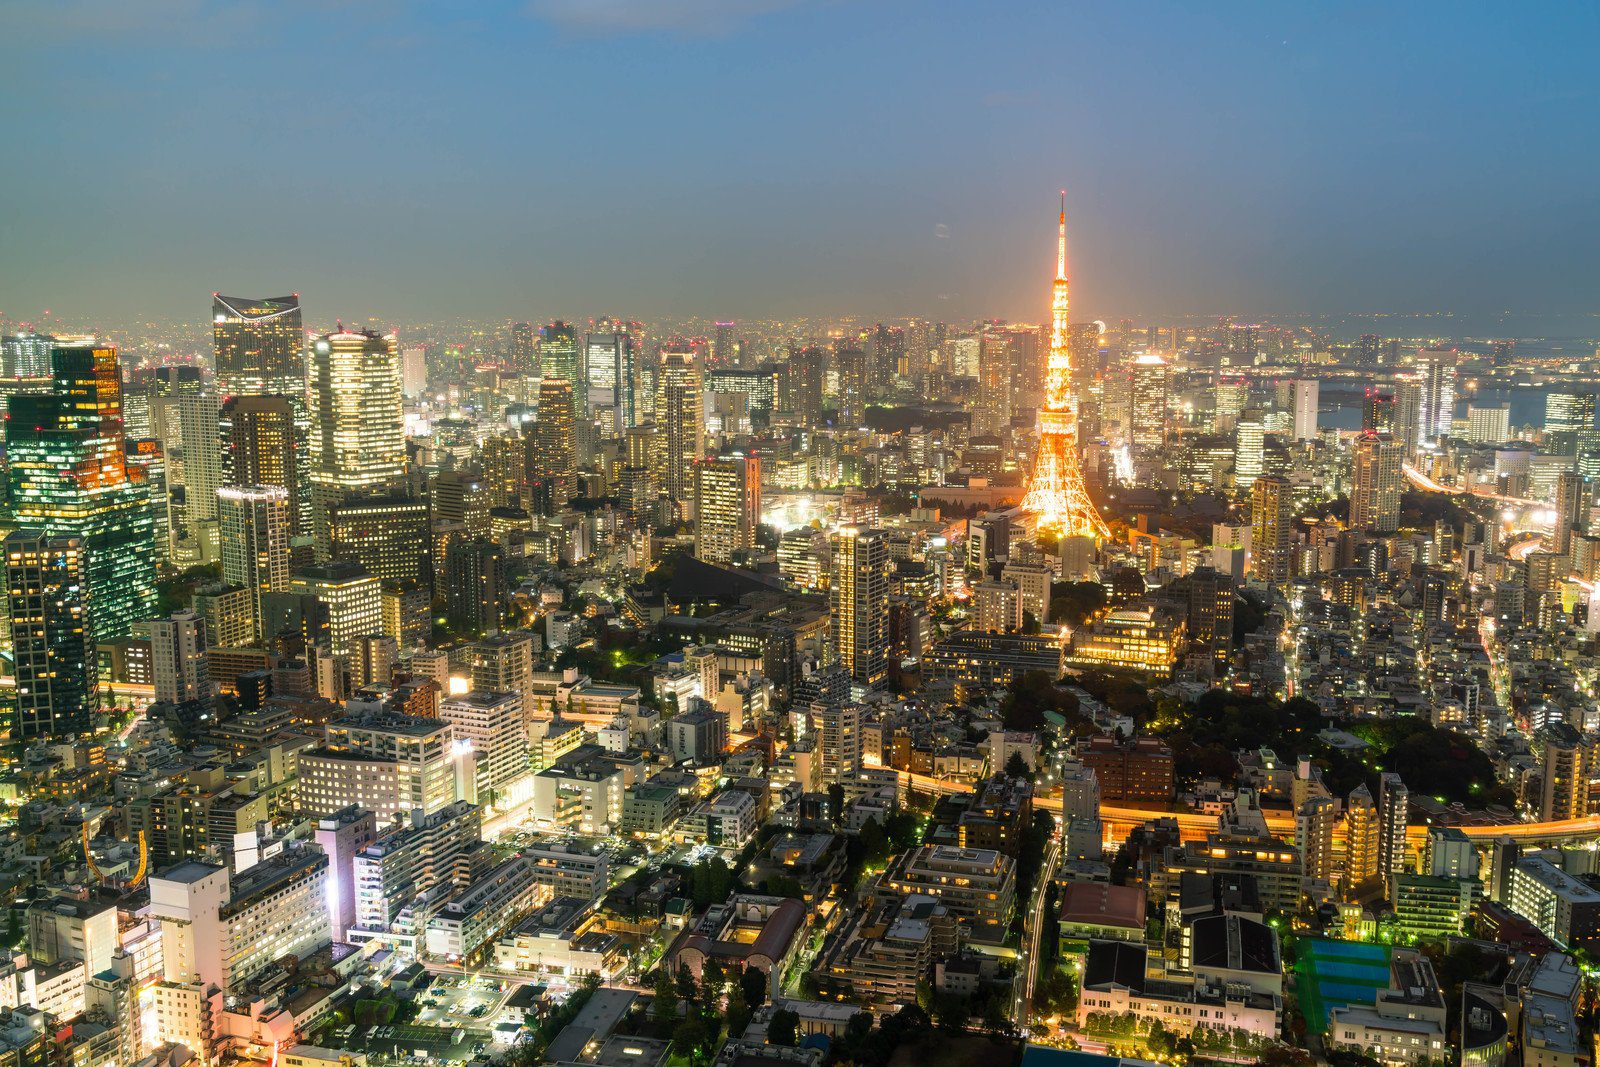 Tokyo Tower at Dusk